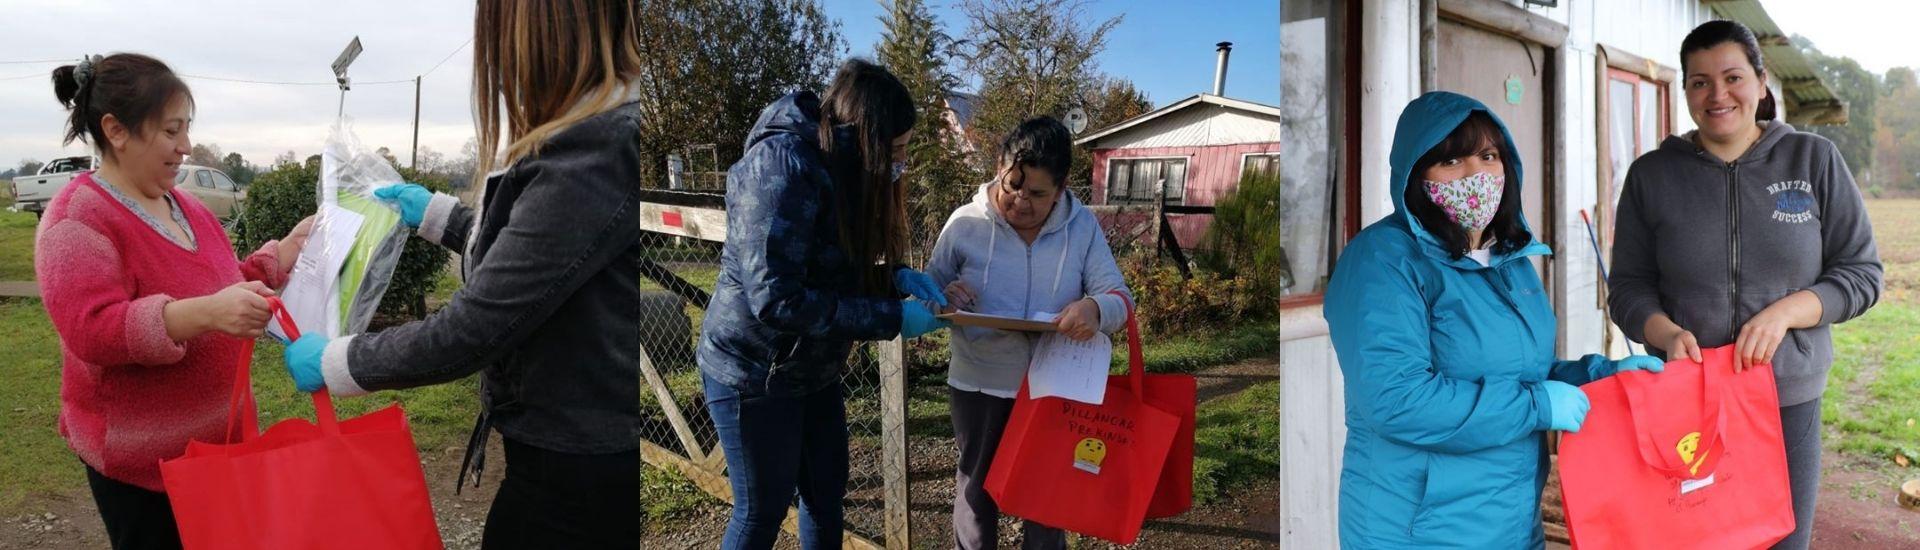 Imágenes de la profesora Ed entregando material a los familiares de sus estudiantes